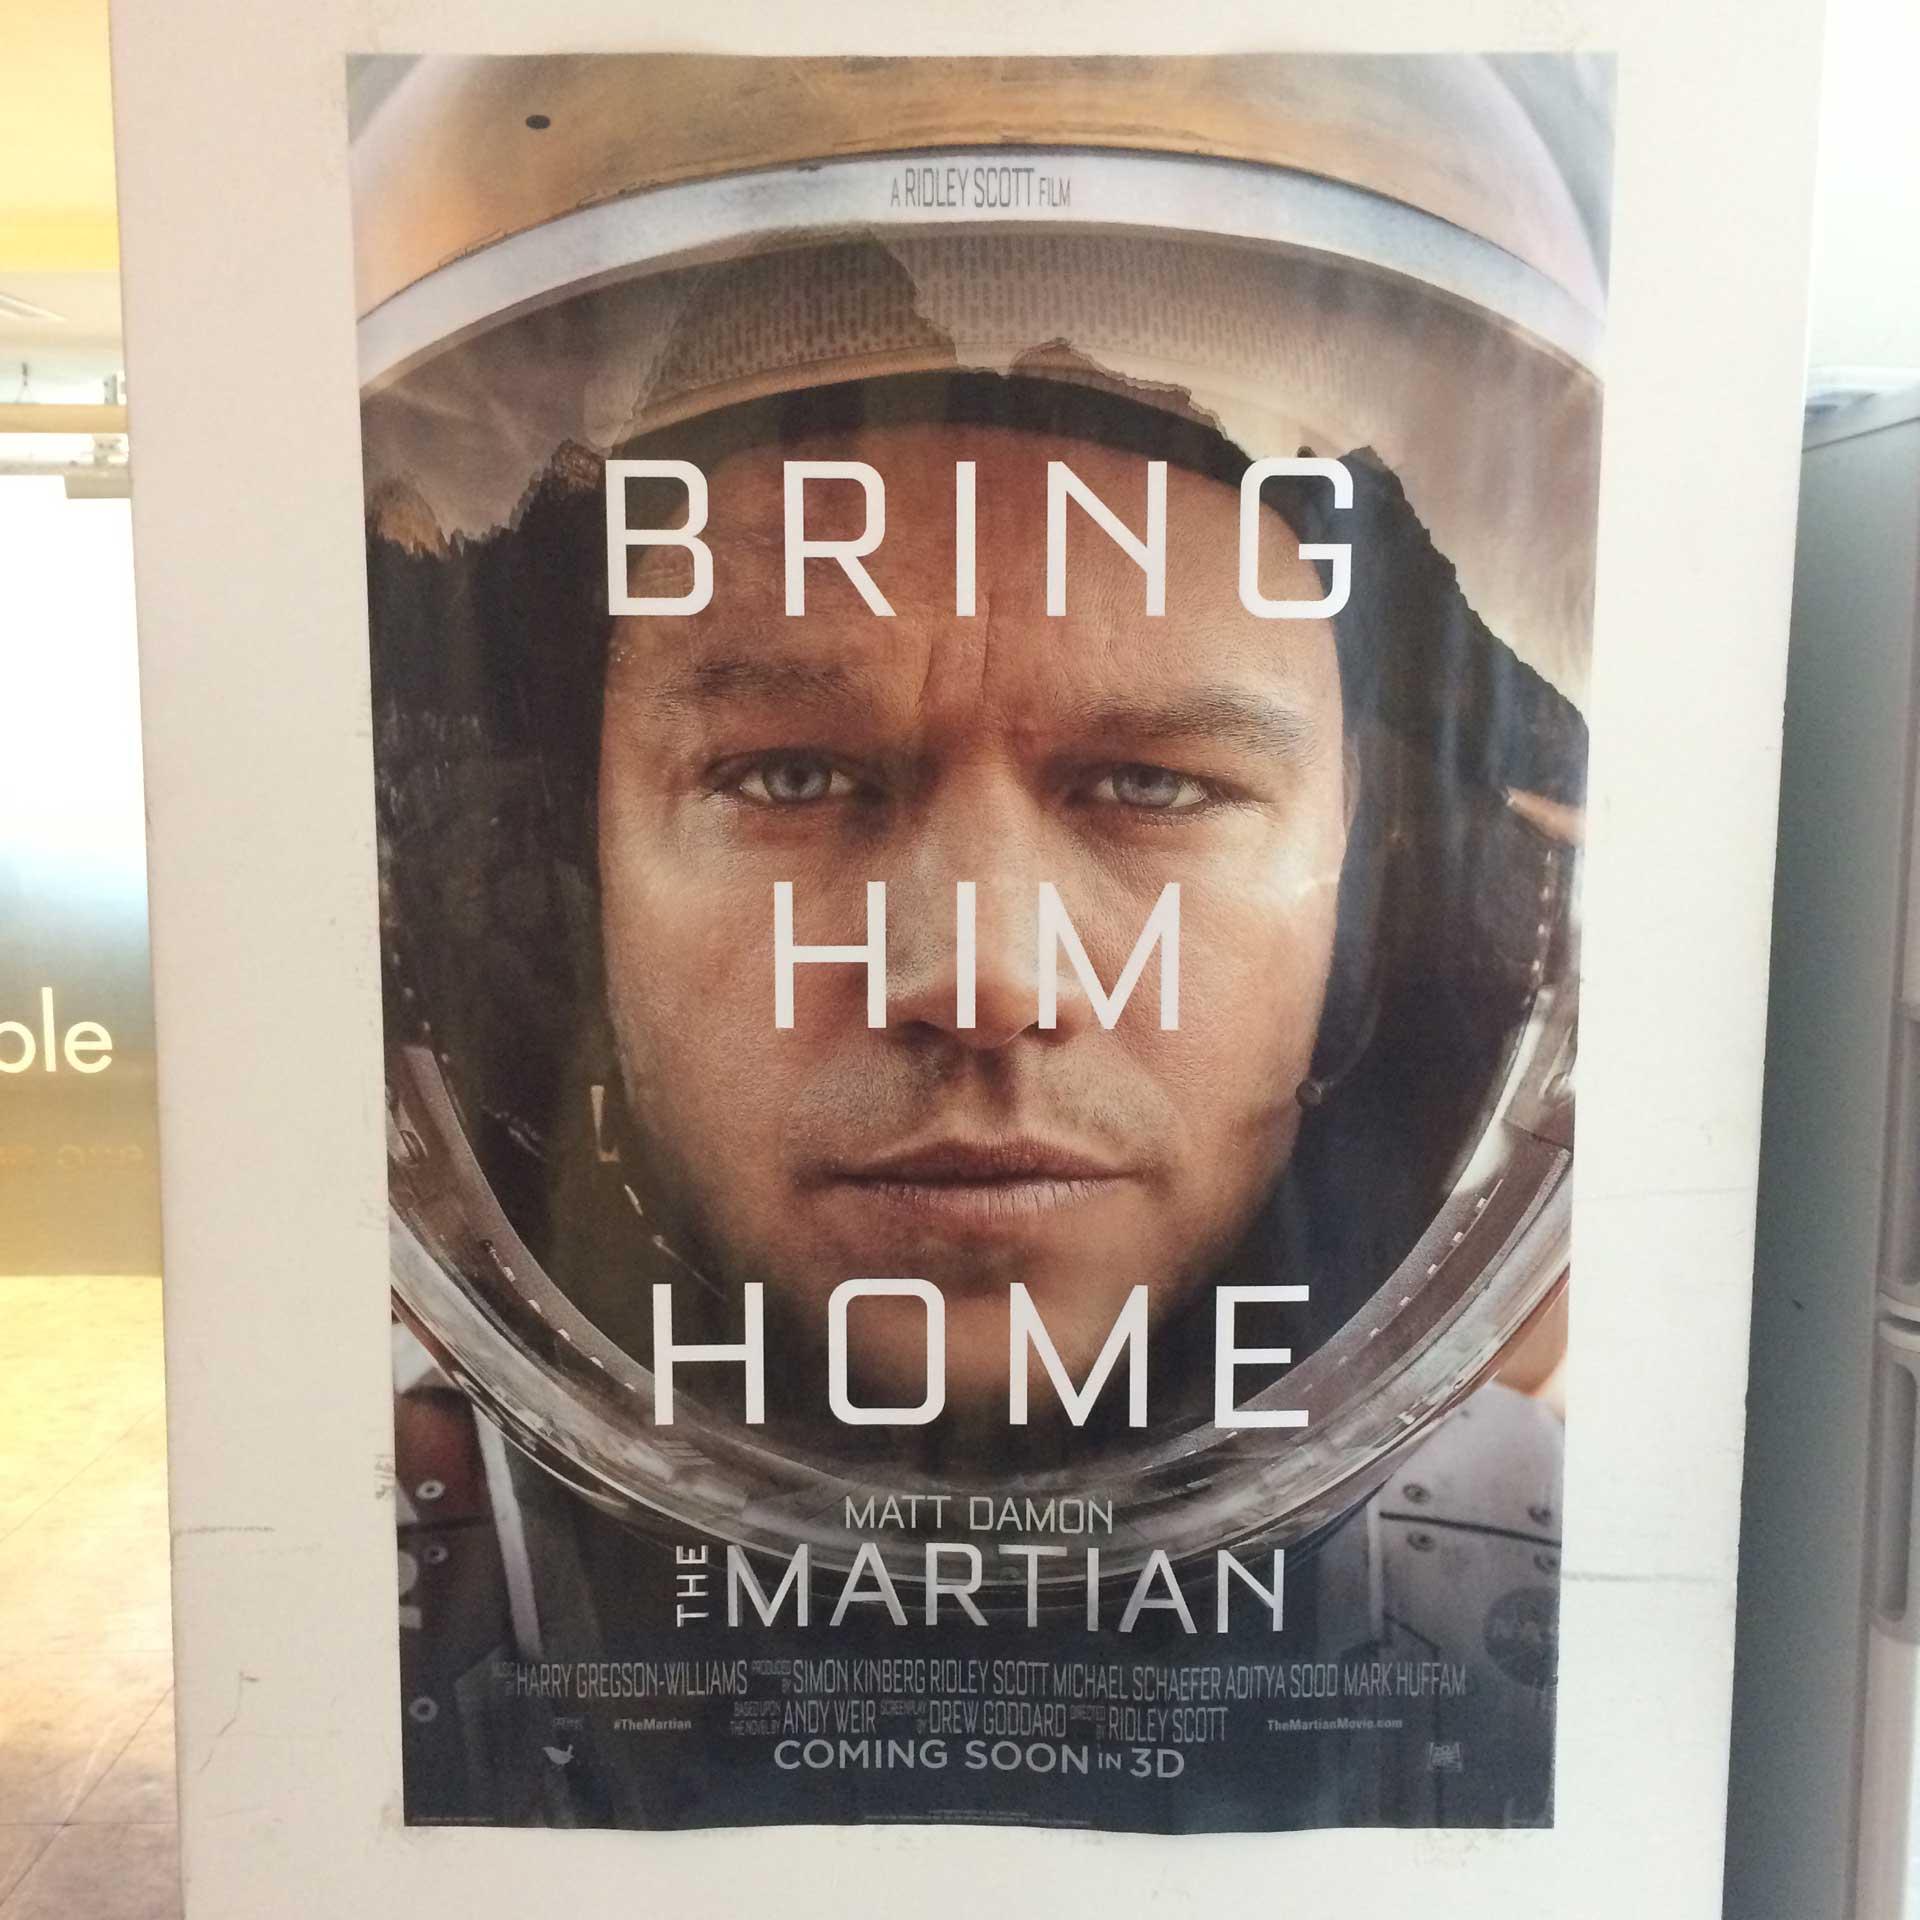 「絕地救援」電影海報所使用的字體